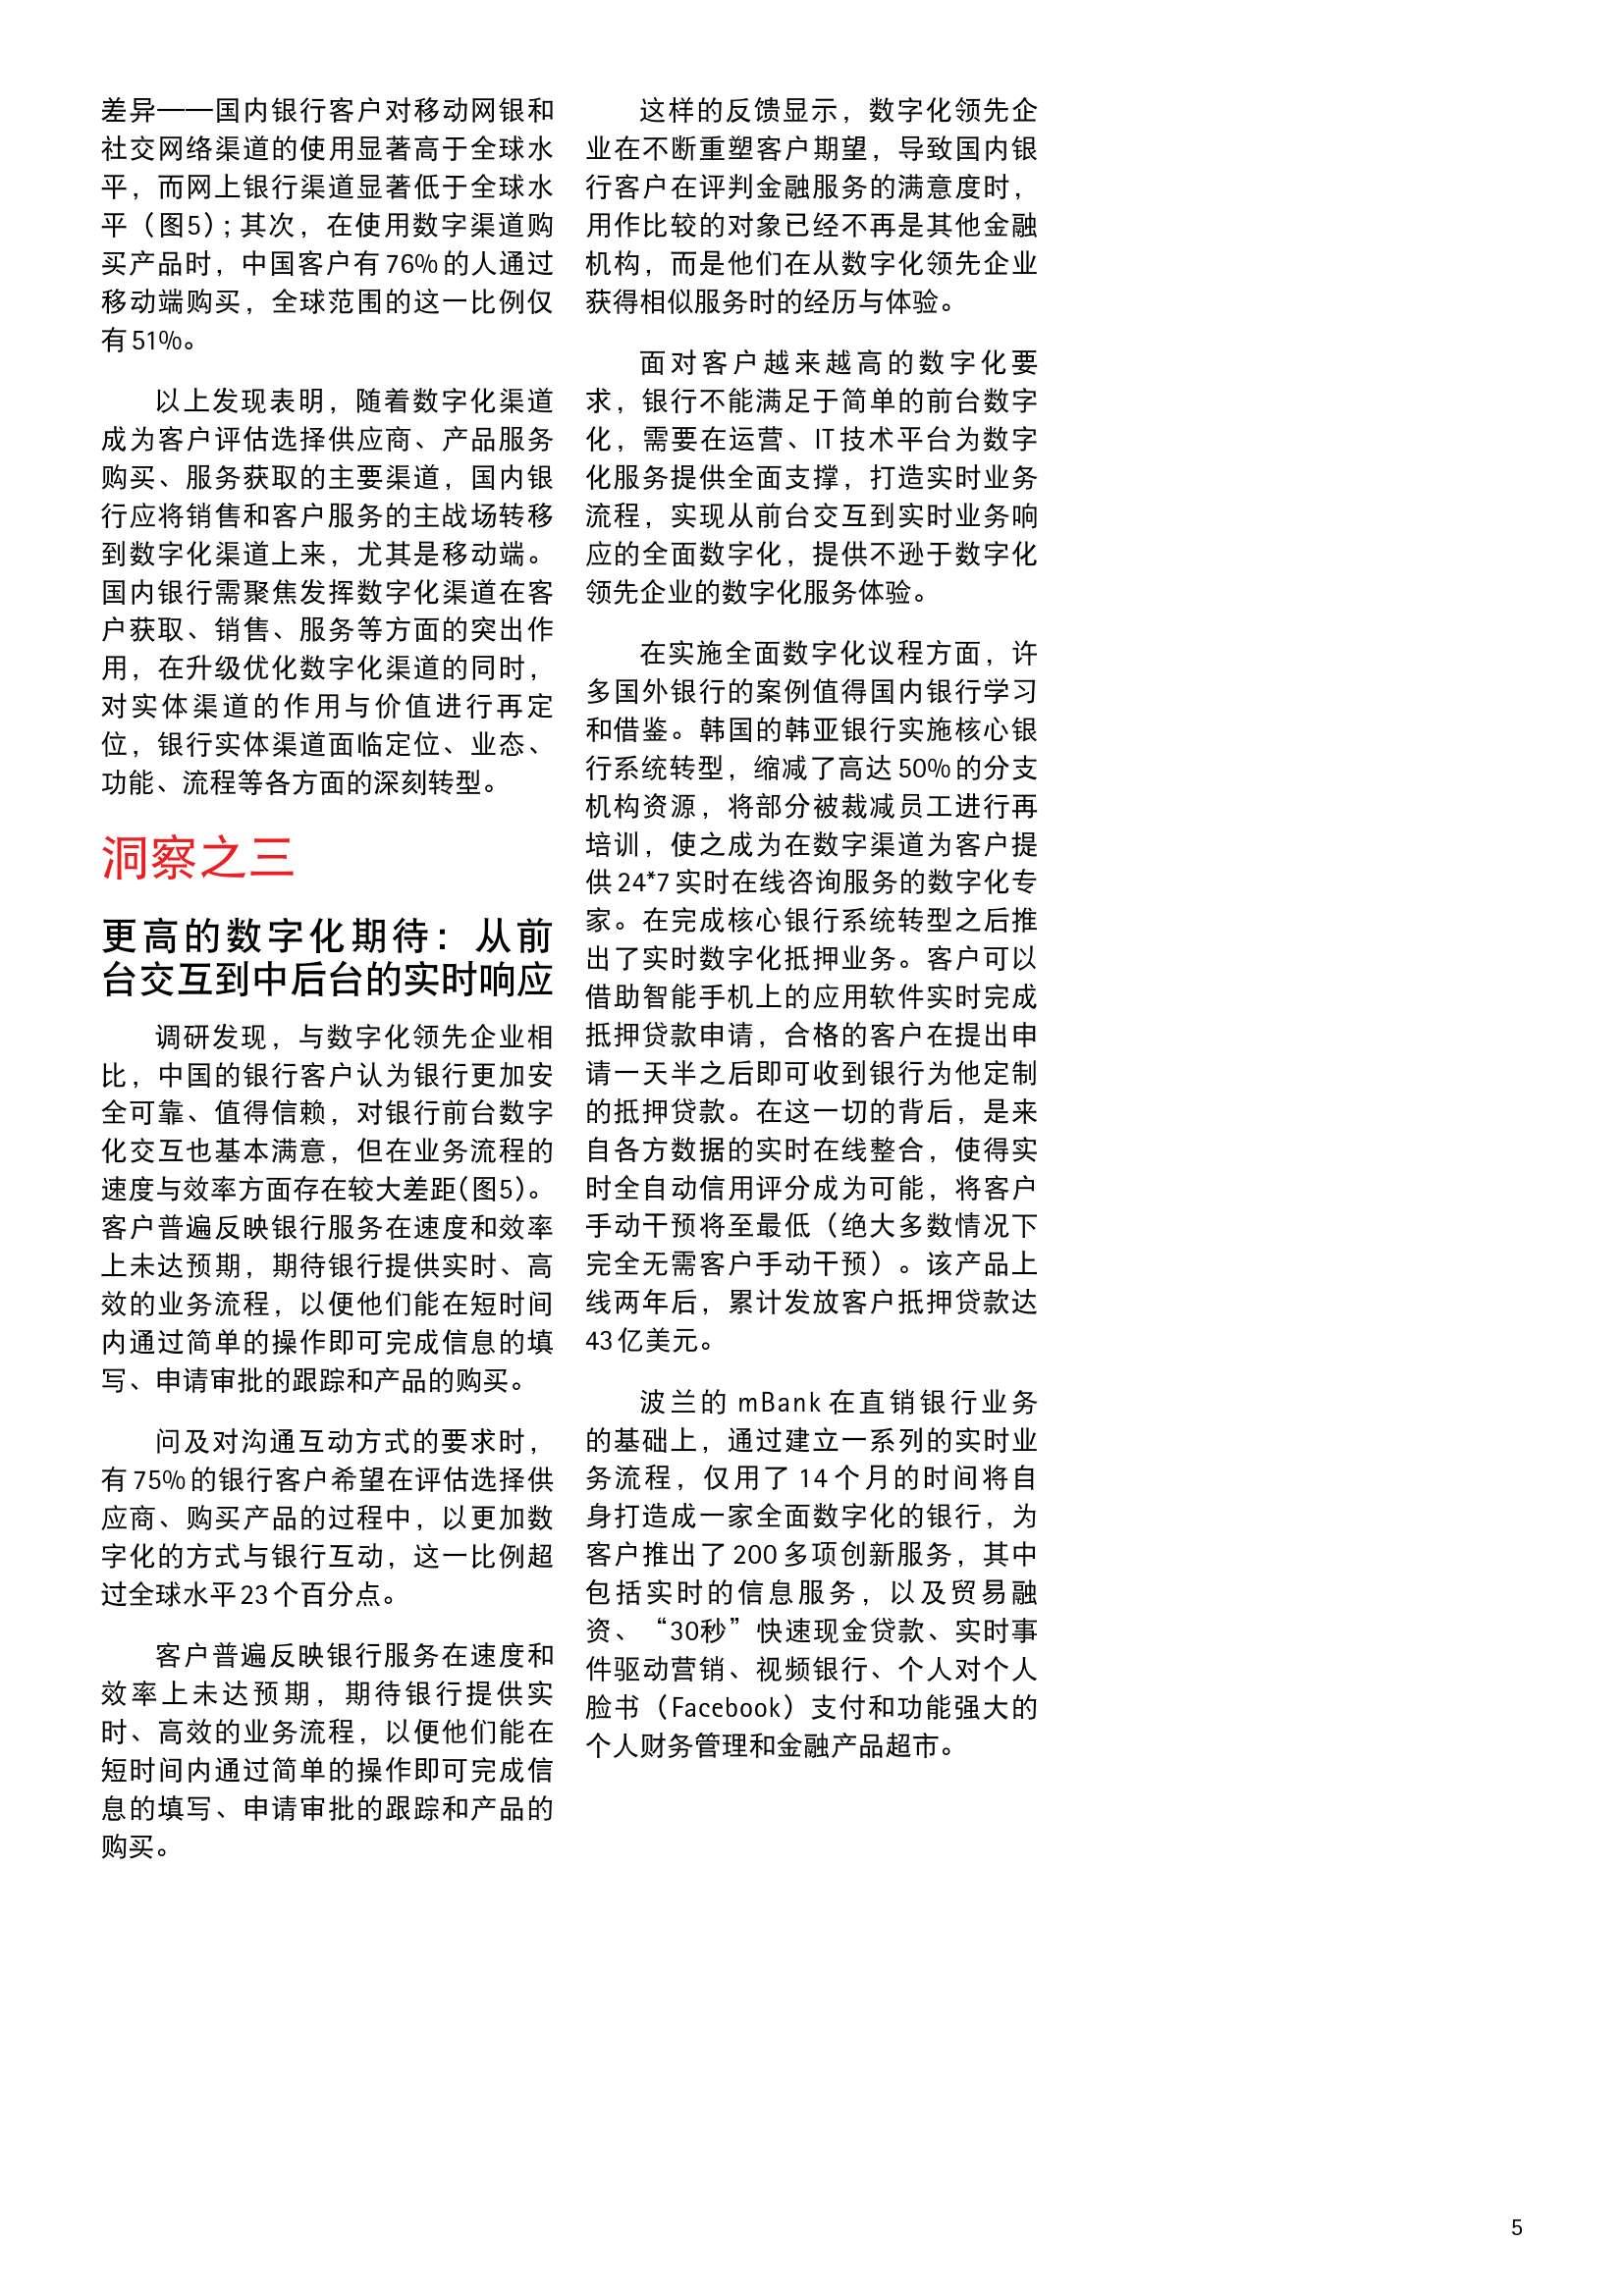 埃森哲中国零售银行数字化消费者调研_000005